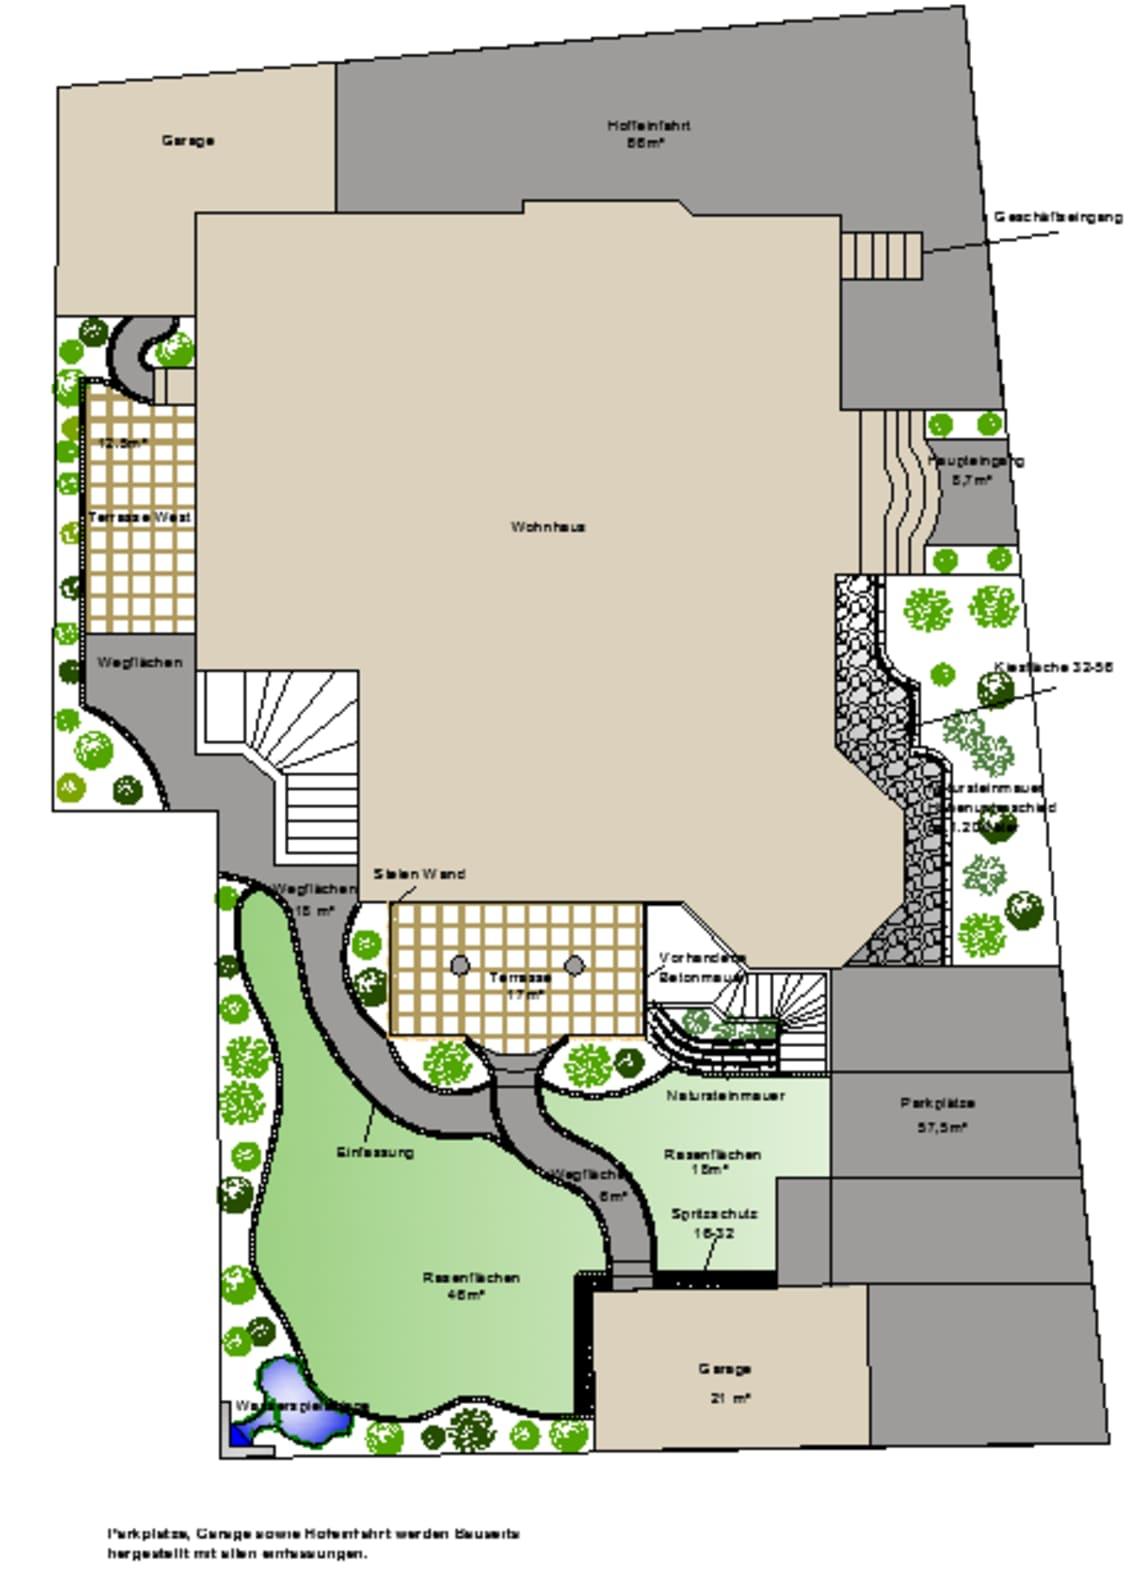 Grundriss für die Planung des eigenen Garten von Florian Feth